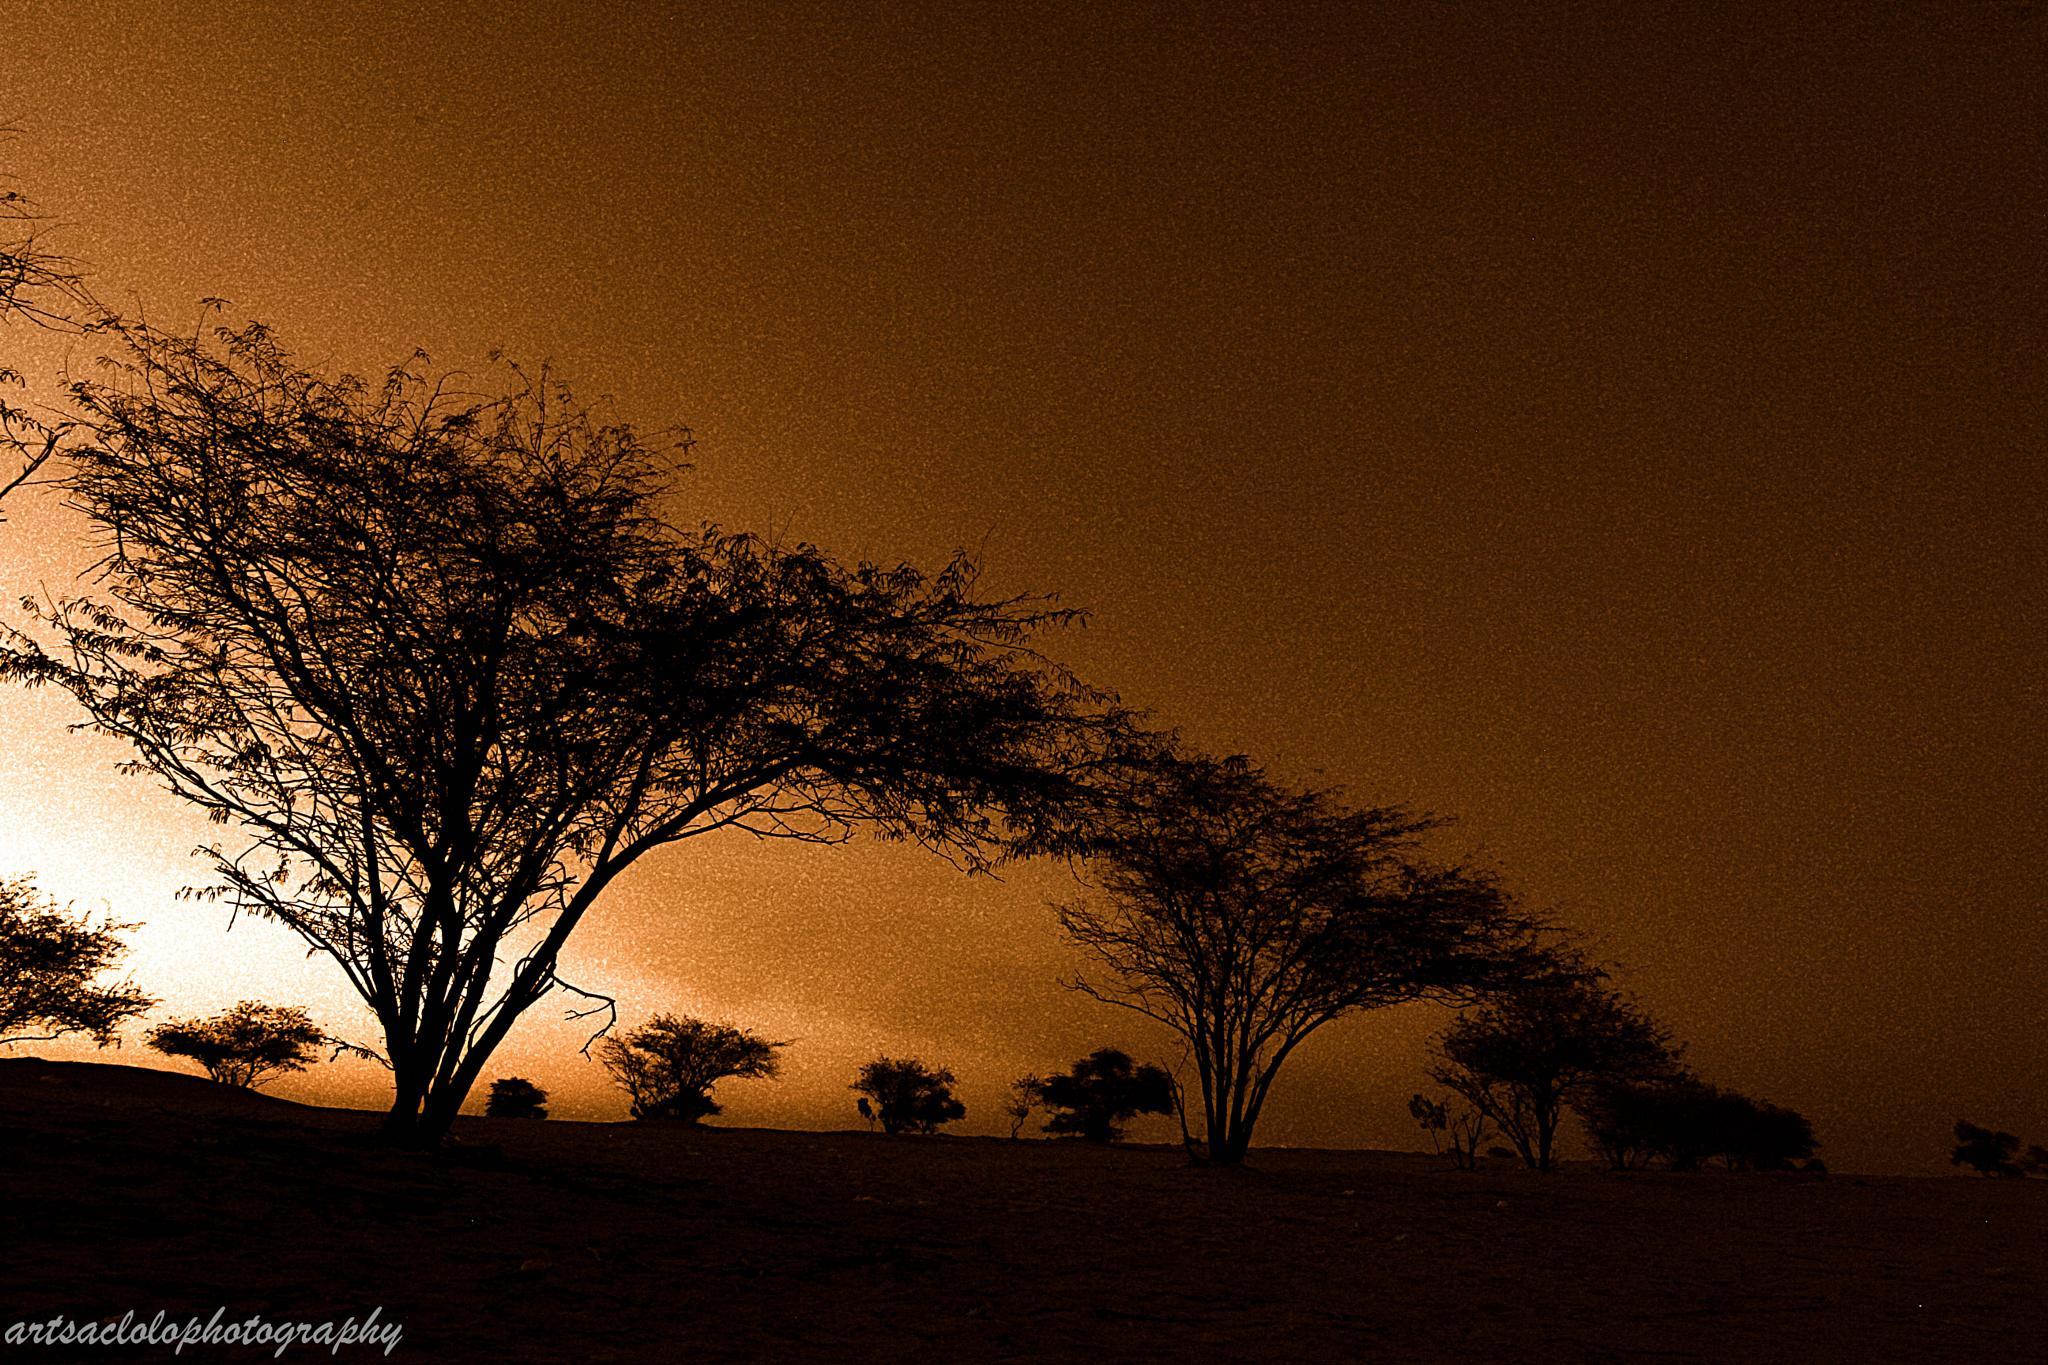 DESSERT SUNSET by arthurlsaclolo